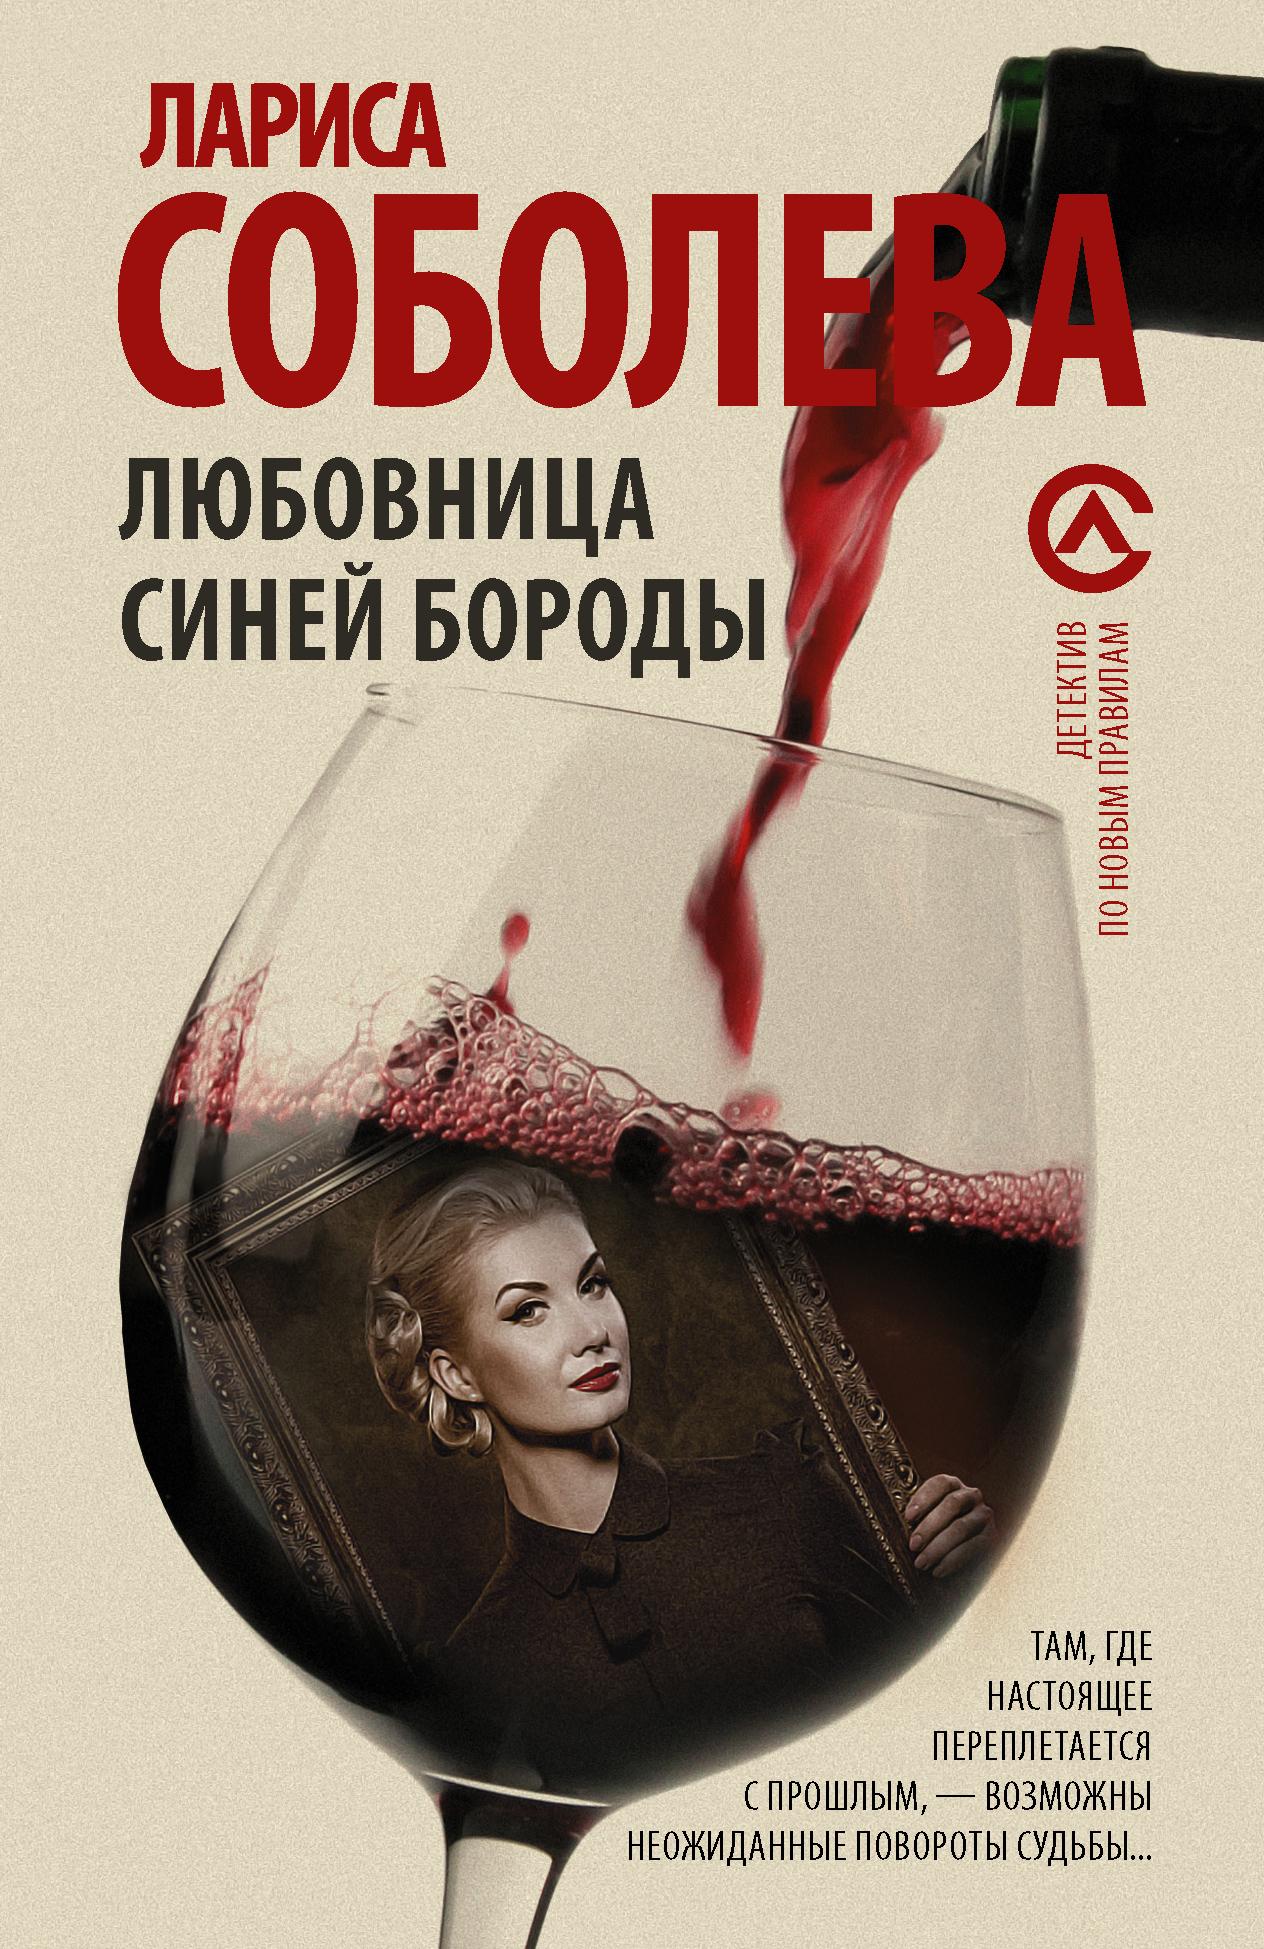 Лариса Соболева Любовница Синей бороды ISBN: 978-5-17-104236-3 кастинг синей бороды